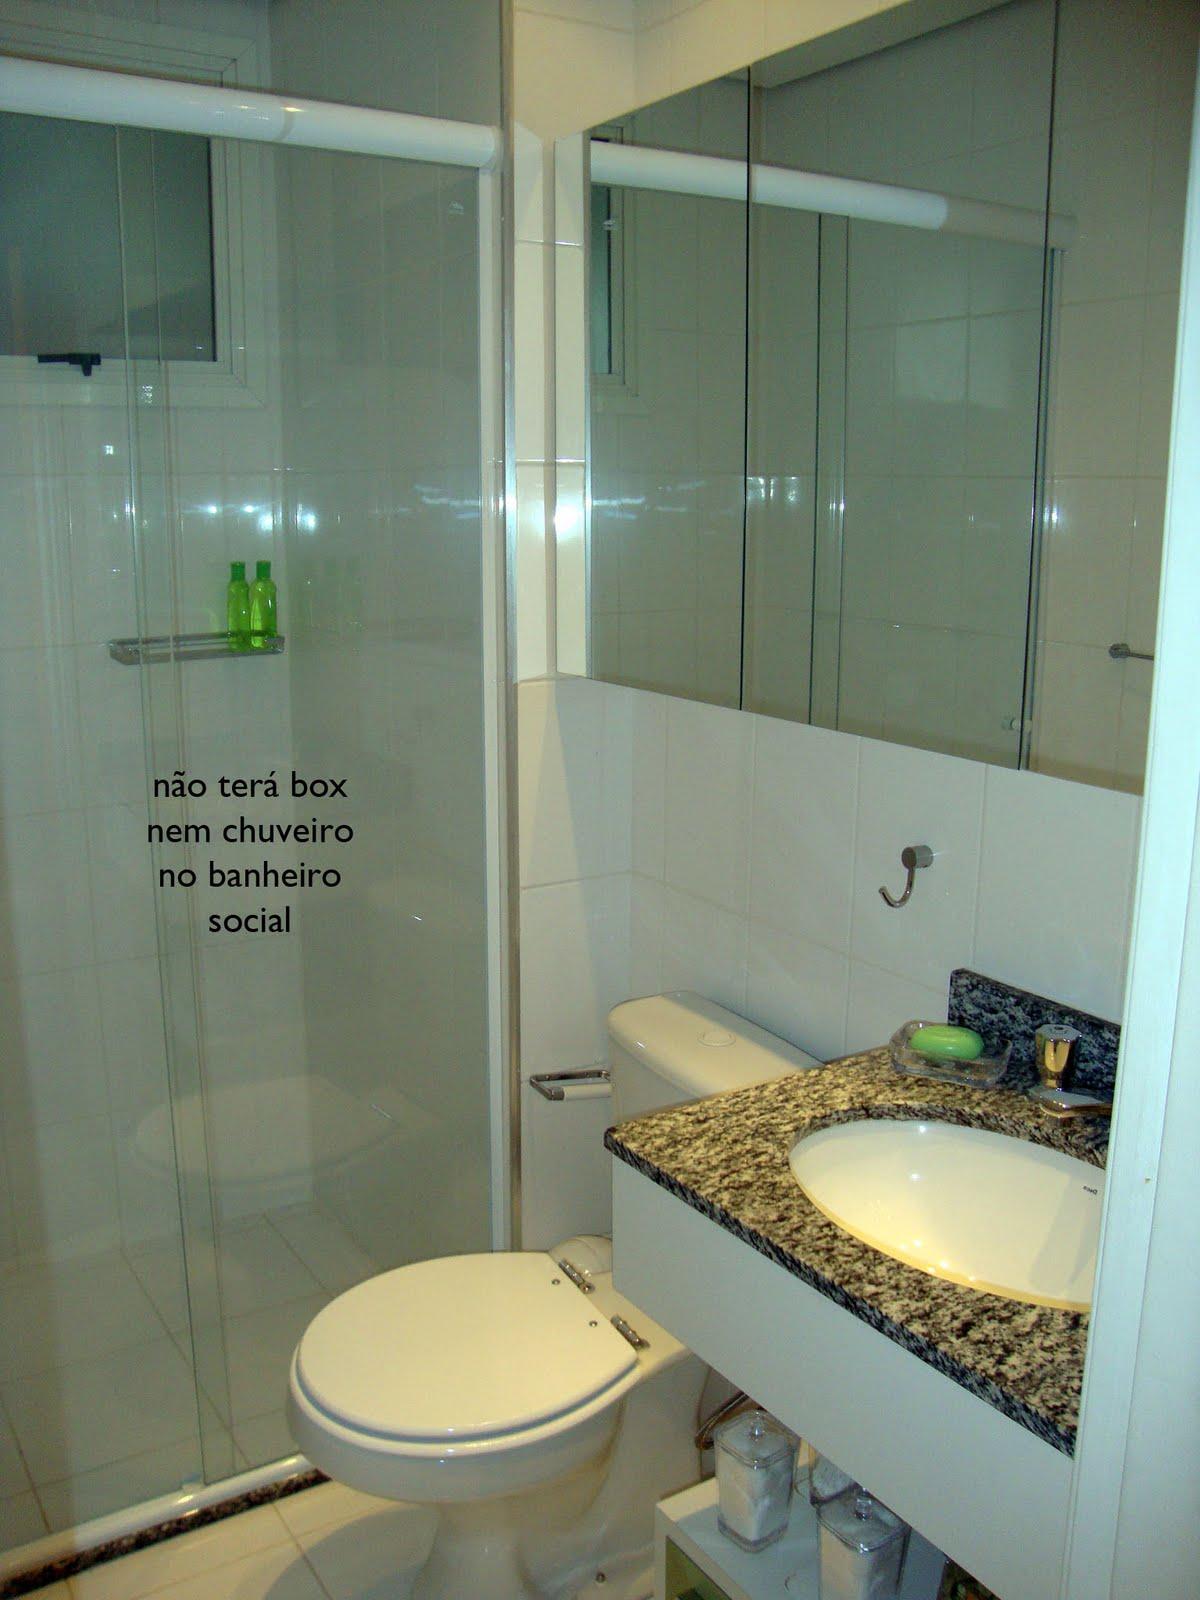 Banheiro Social X Banheiro da Suíte  Comprando Meu Apê -> Banheiro Decorado Social